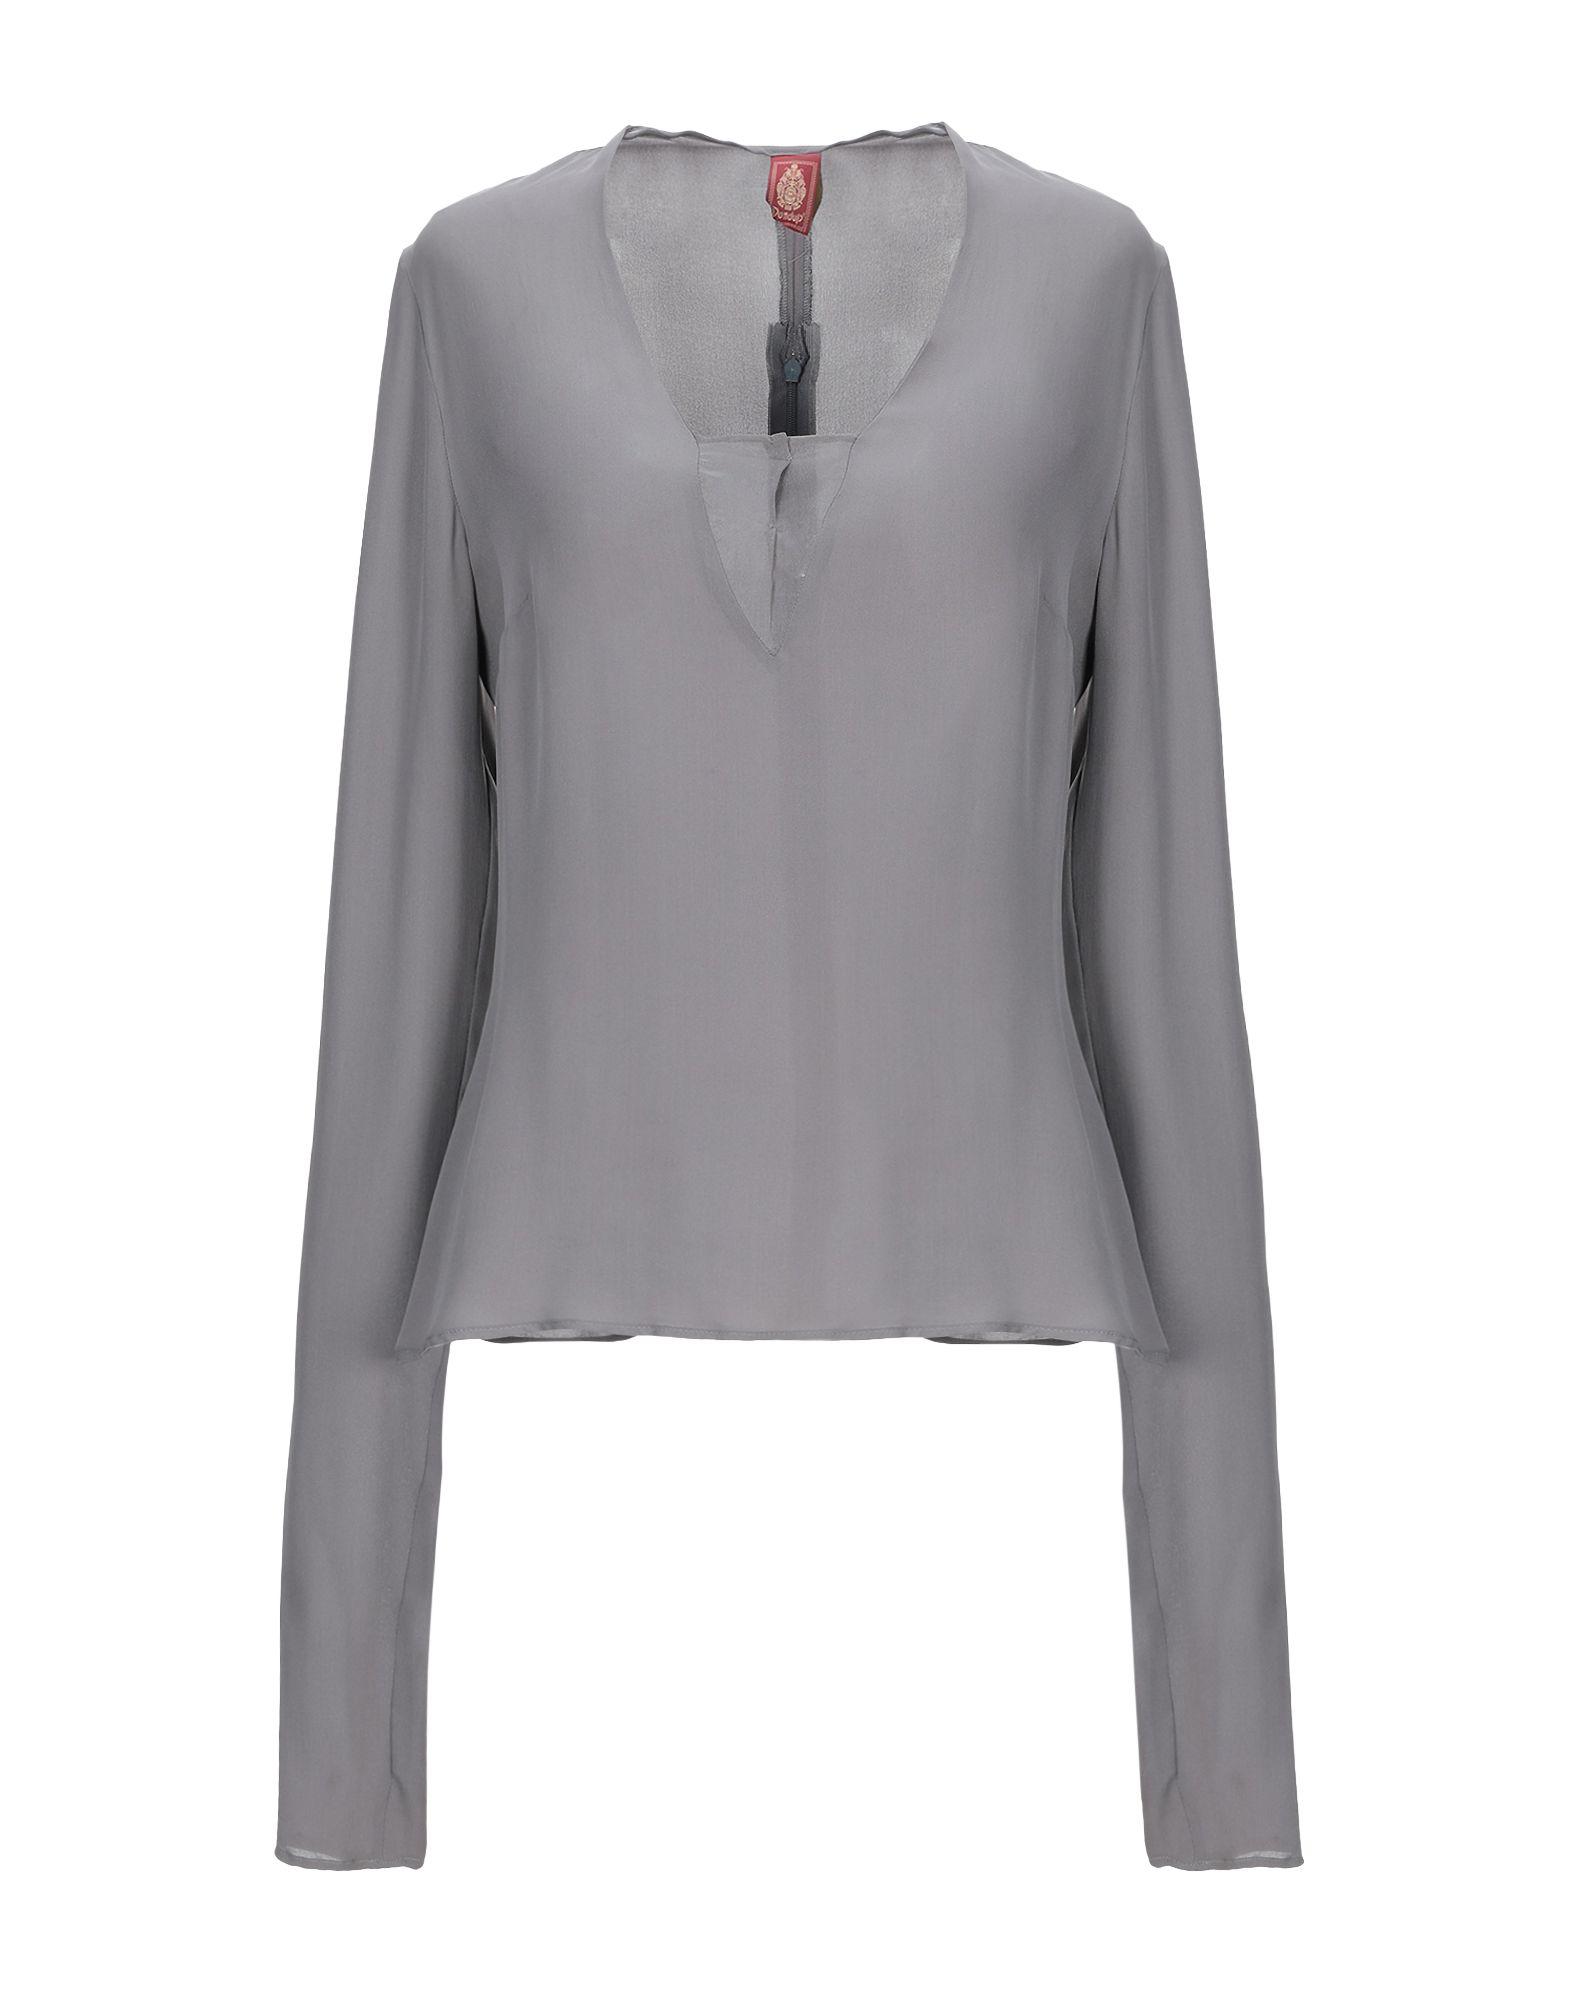 DONDUP Блузка пуловер кашемировый v образный вырез логотип freeman сзади